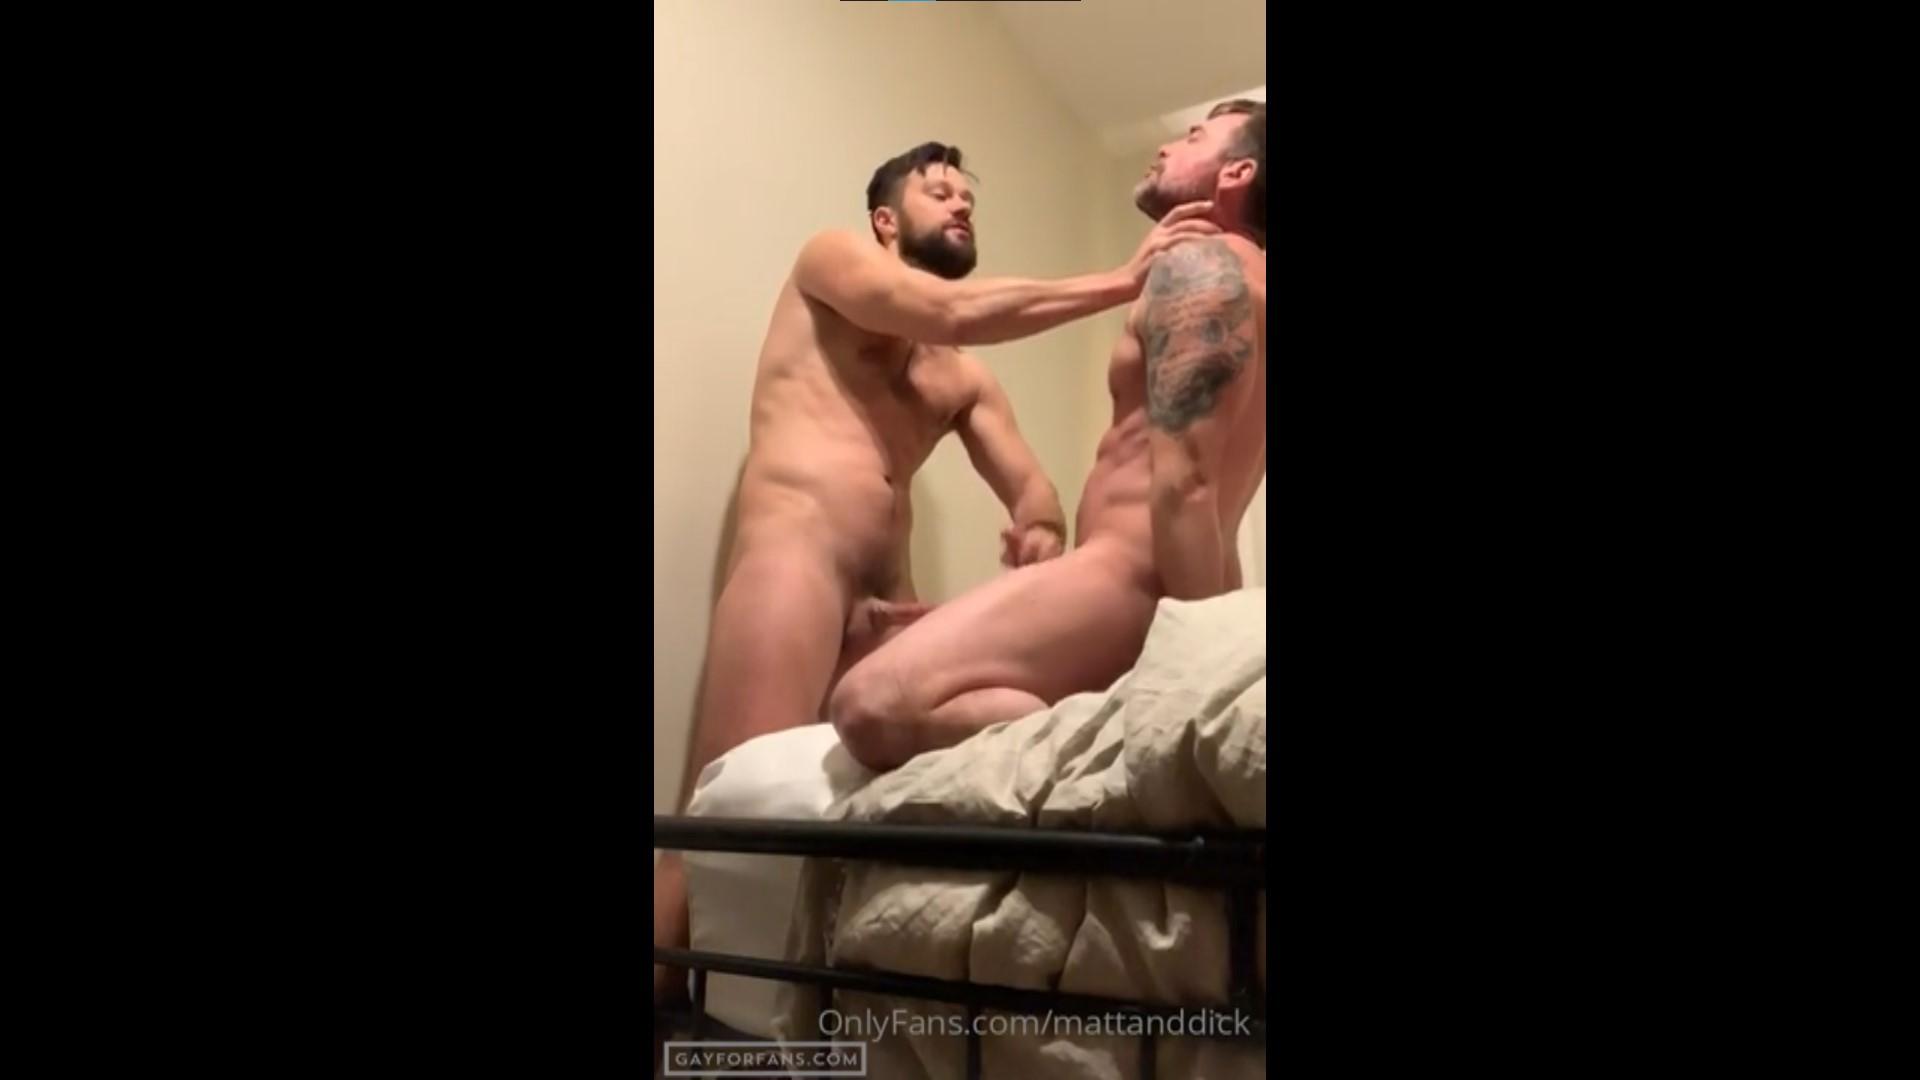 Boyfriend gives me a handjob - MattandDick